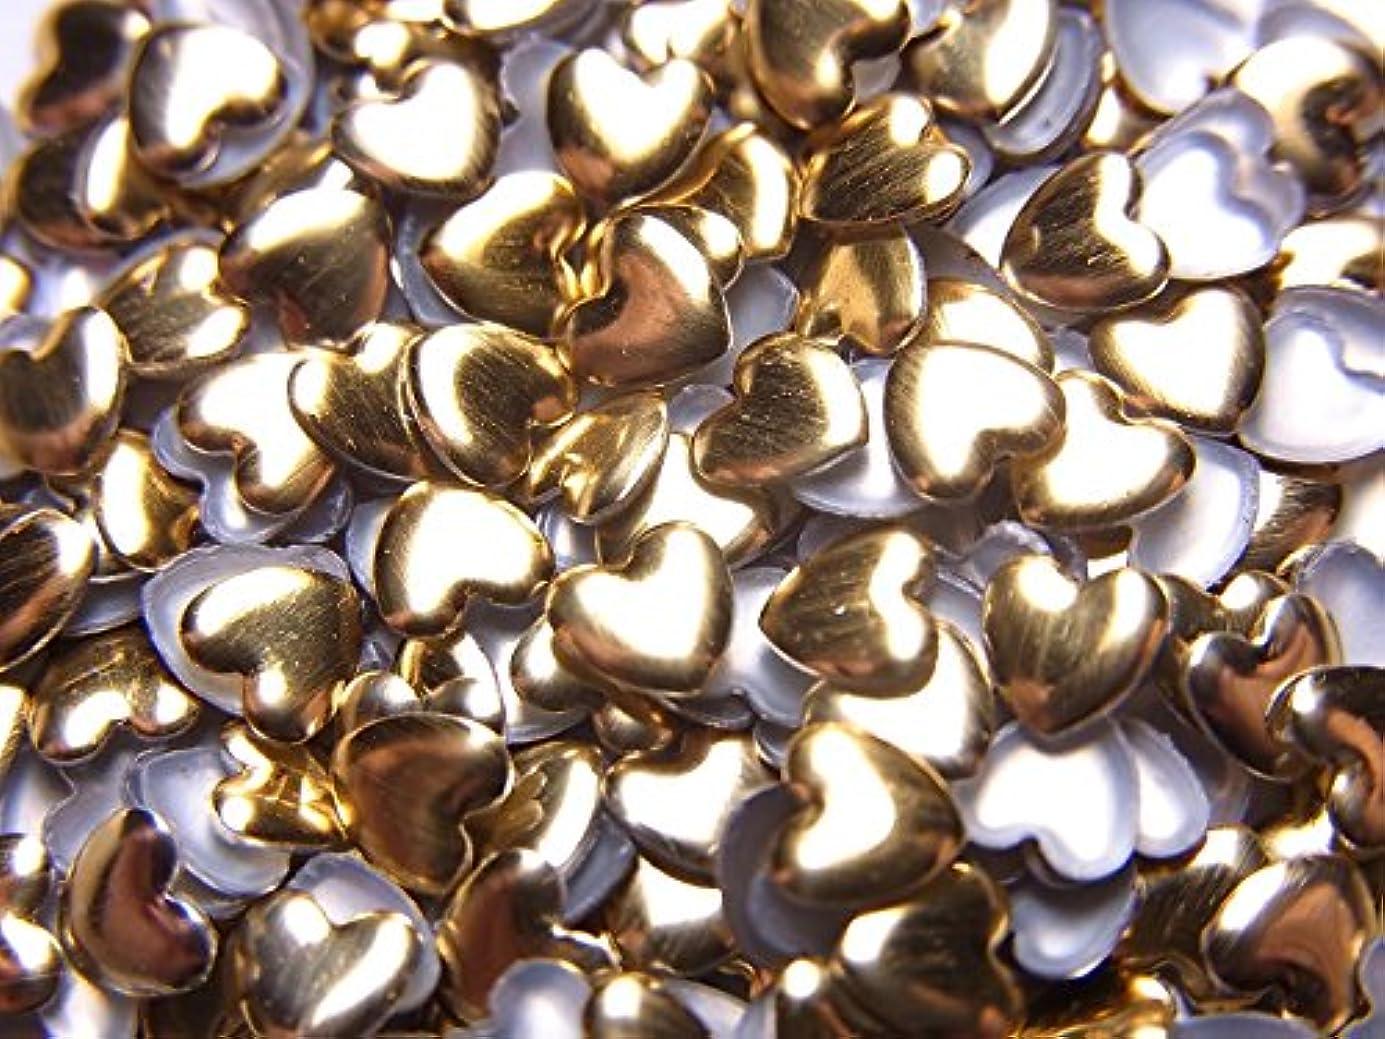 アンカー傑出したパキスタン【jewel】ハート型 メタルスタッズ 4mm ゴールド 100粒入り